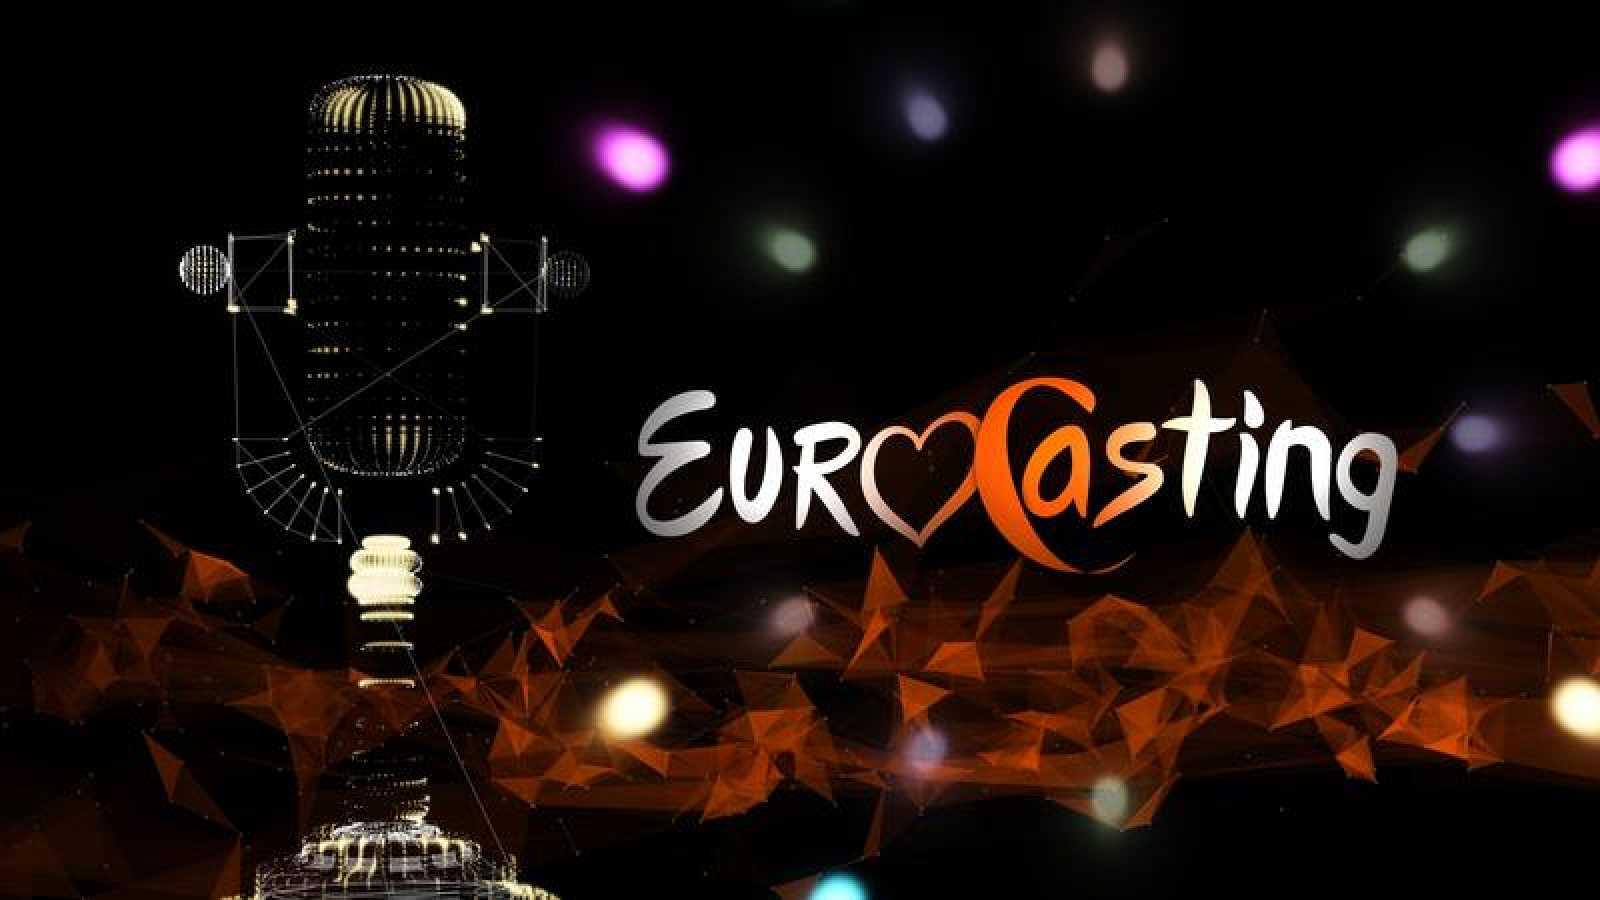 La final del Eurocasting se celebrará el jueves 12 de enero